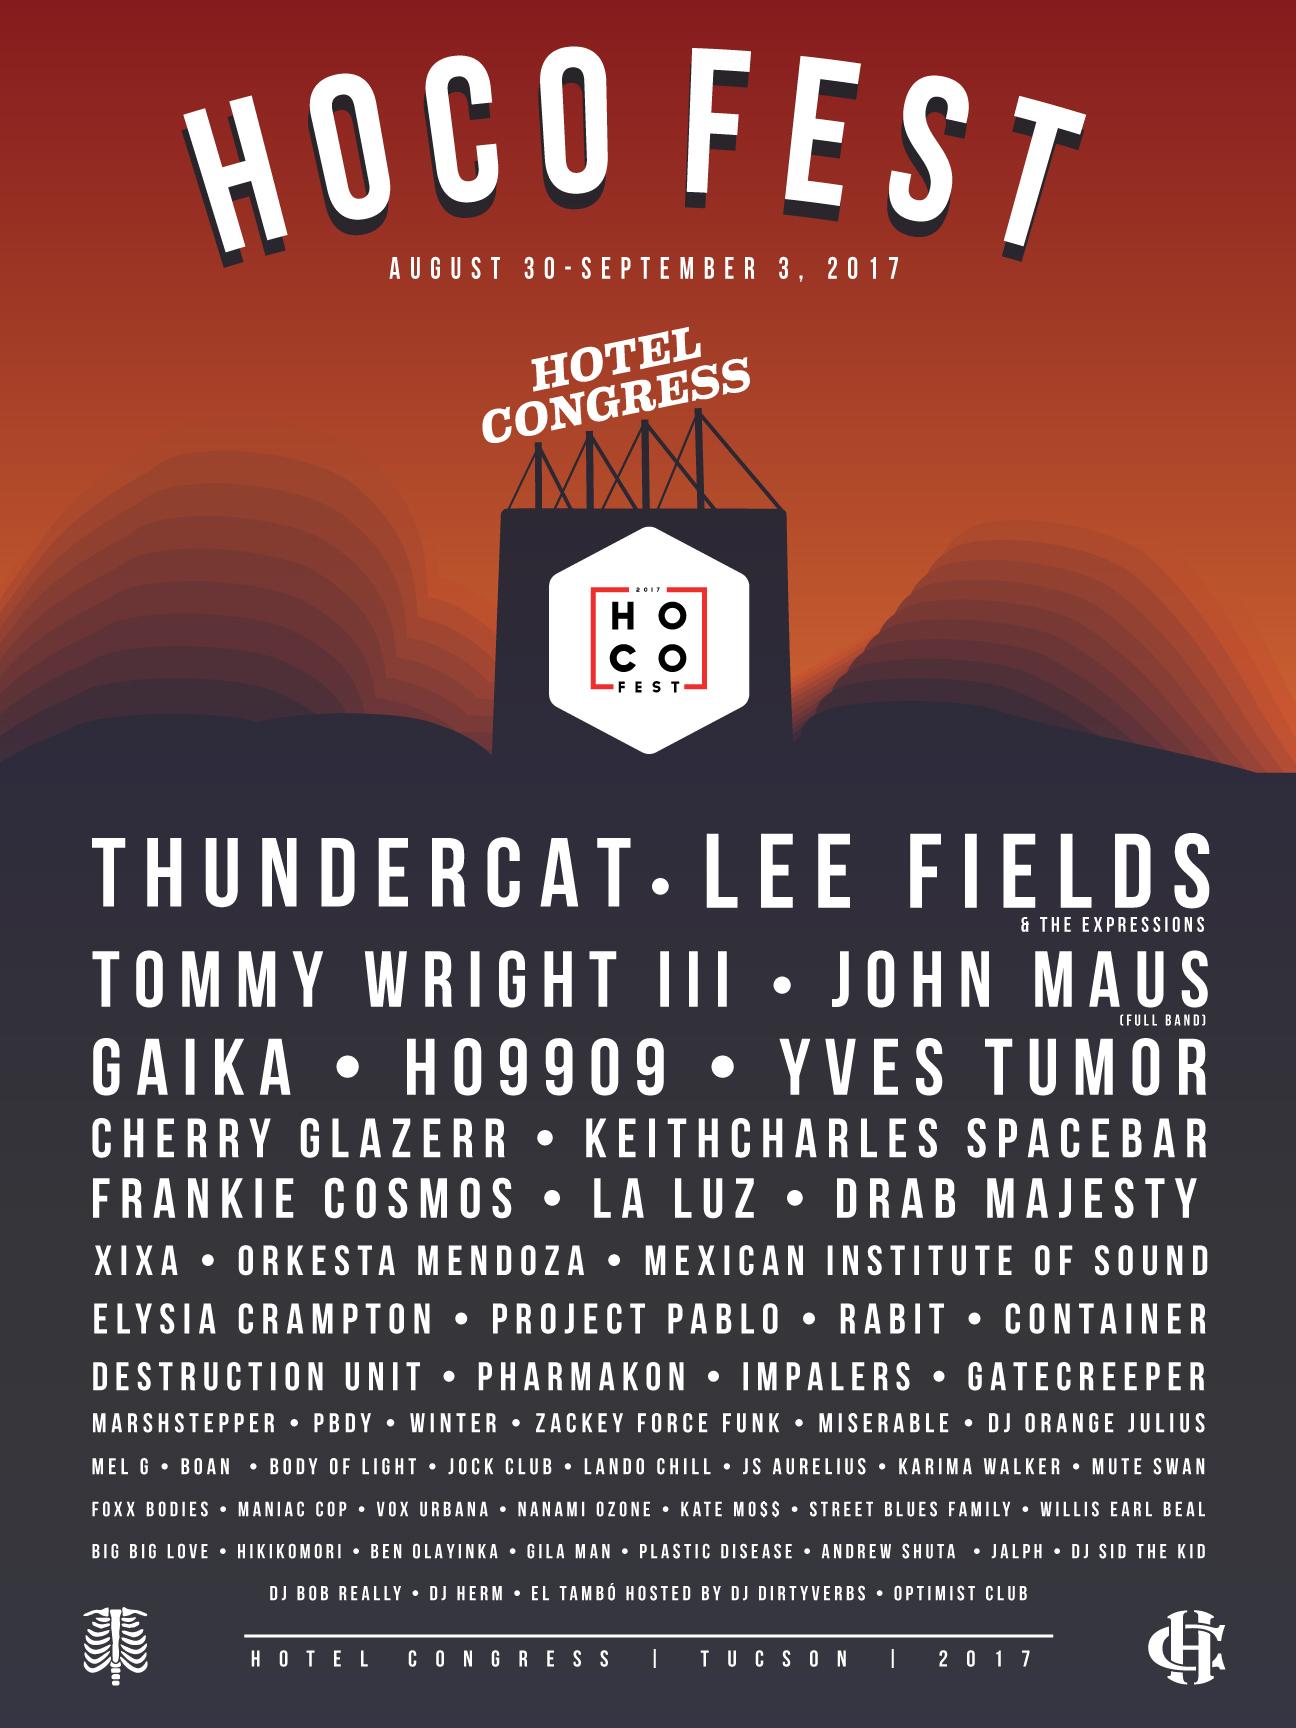 HOCO FEST 2017